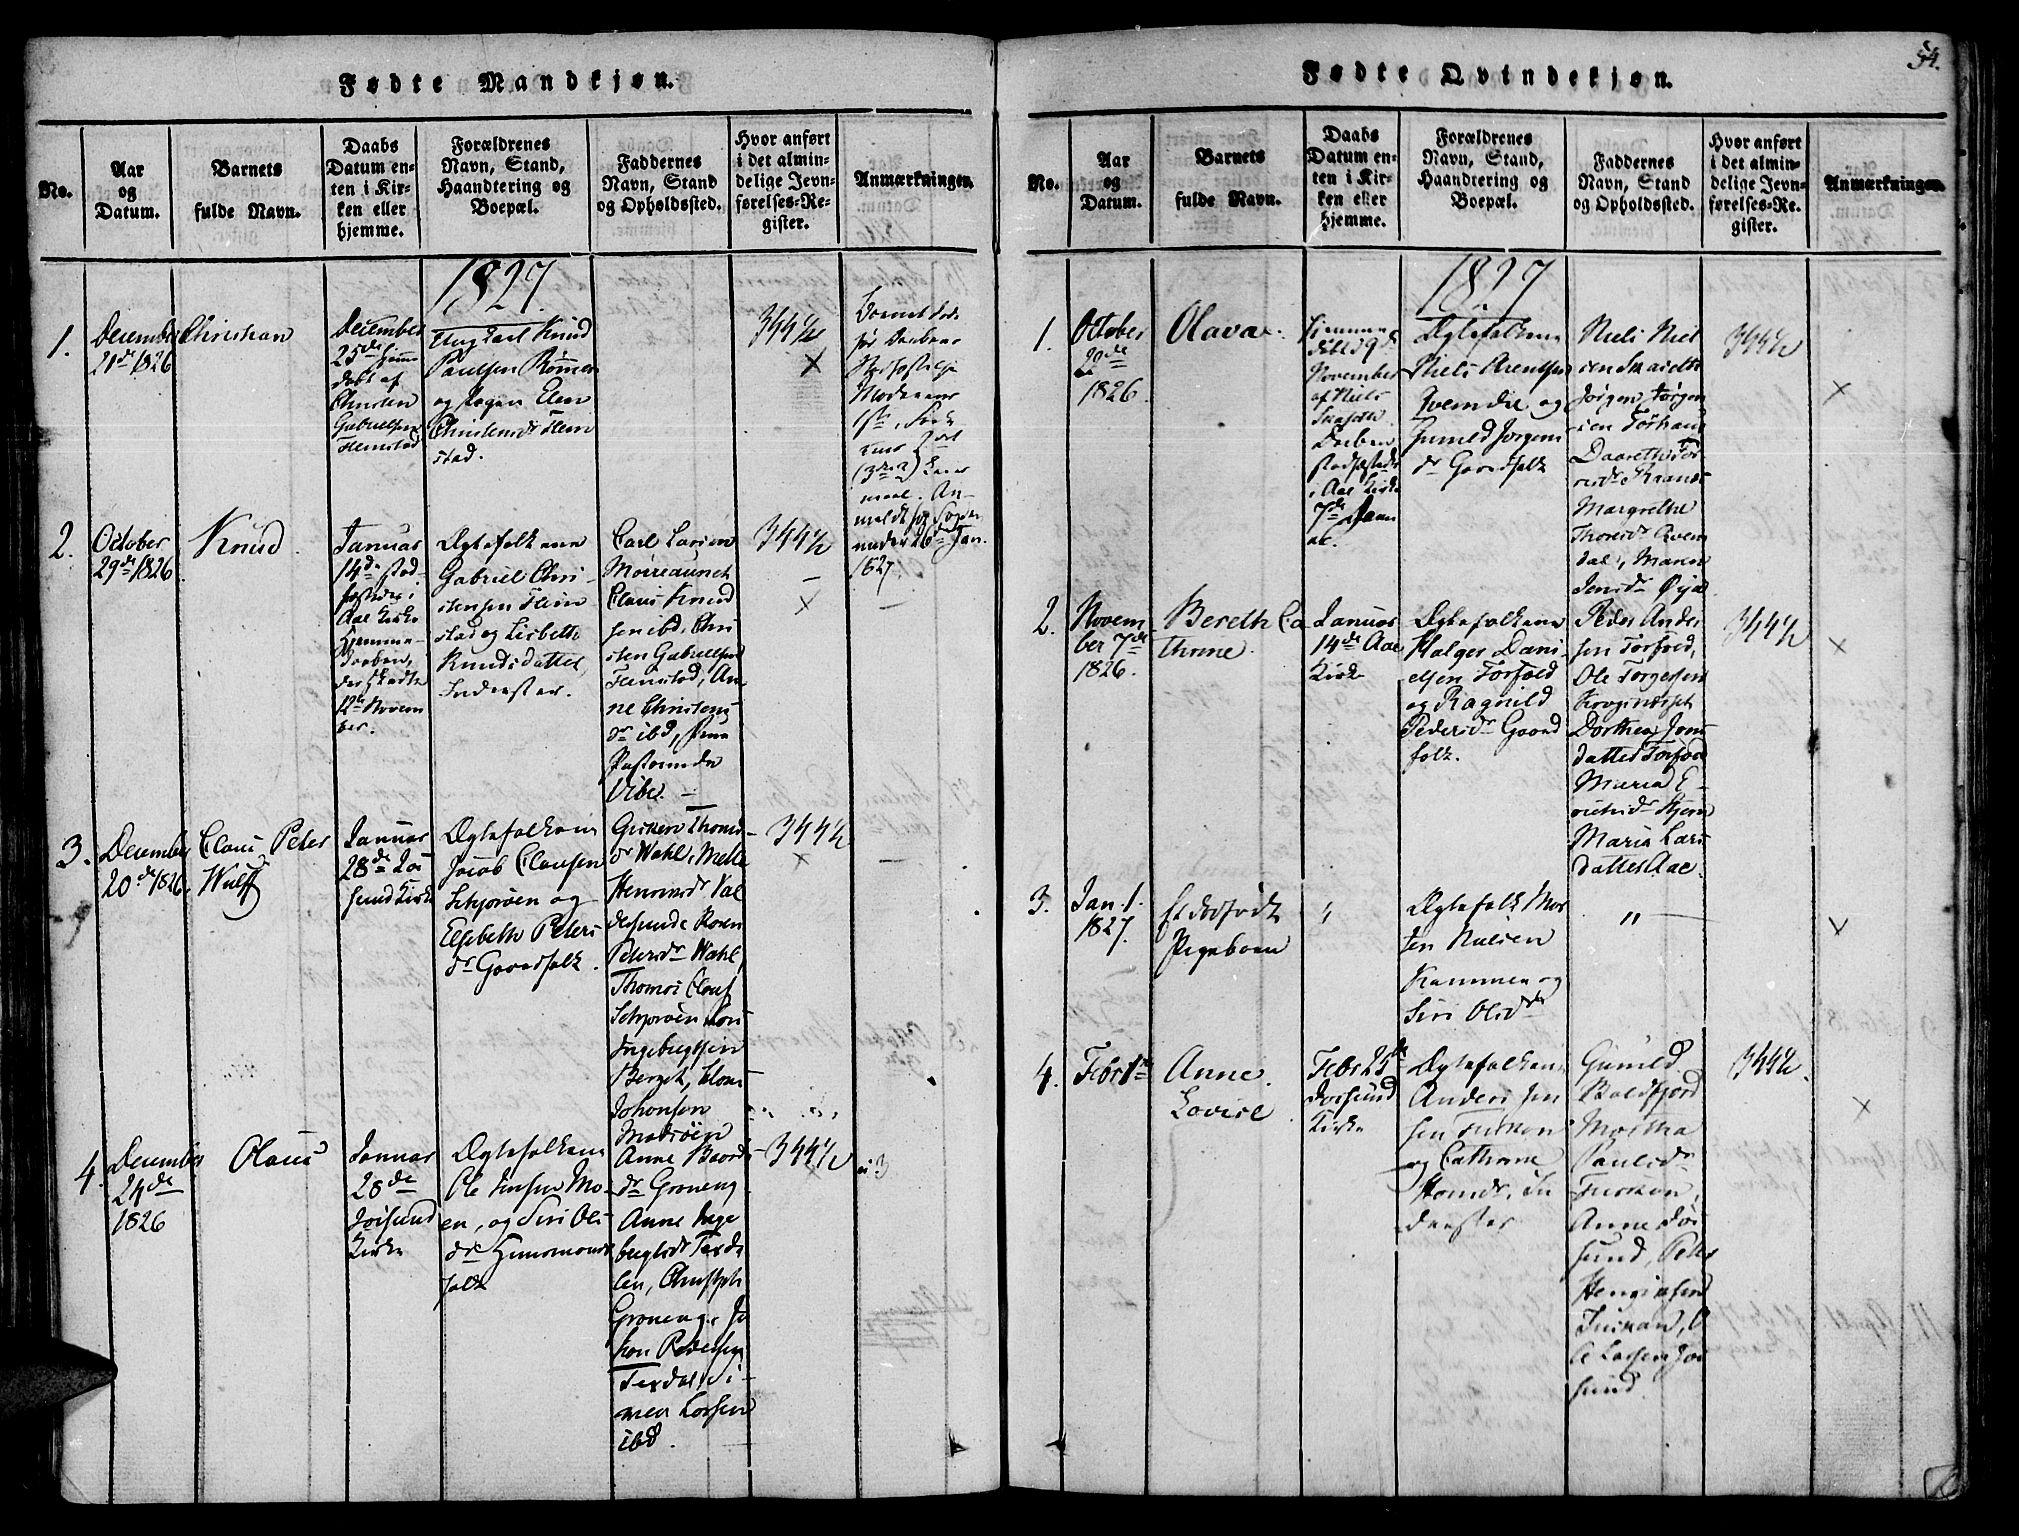 SAT, Ministerialprotokoller, klokkerbøker og fødselsregistre - Sør-Trøndelag, 655/L0675: Ministerialbok nr. 655A04, 1818-1830, s. 54